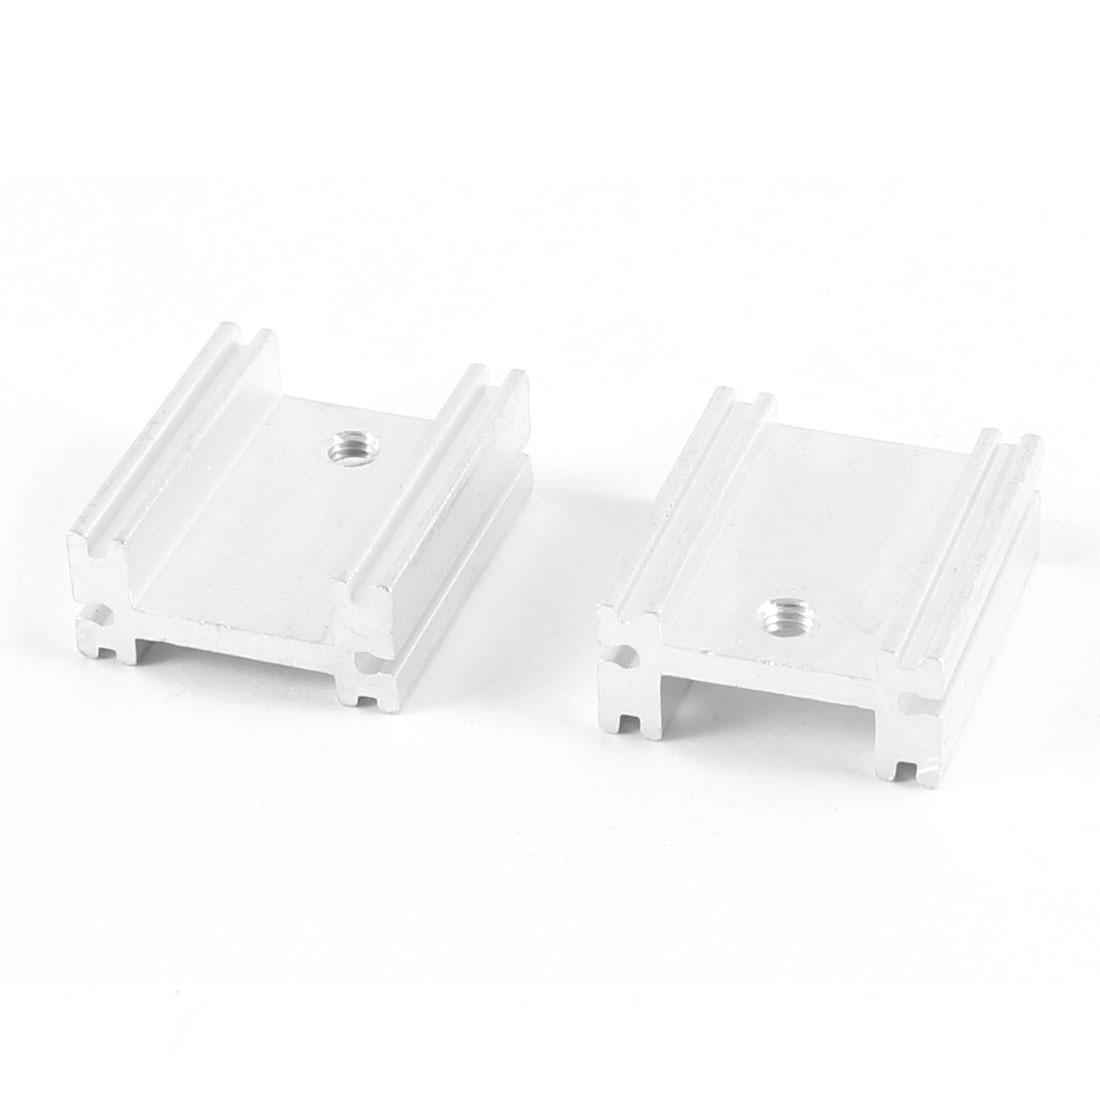 2 Pcs Heat Diffuse Aluminium Heat Sink Cooling Fin 20mm x 18mm x 8mm